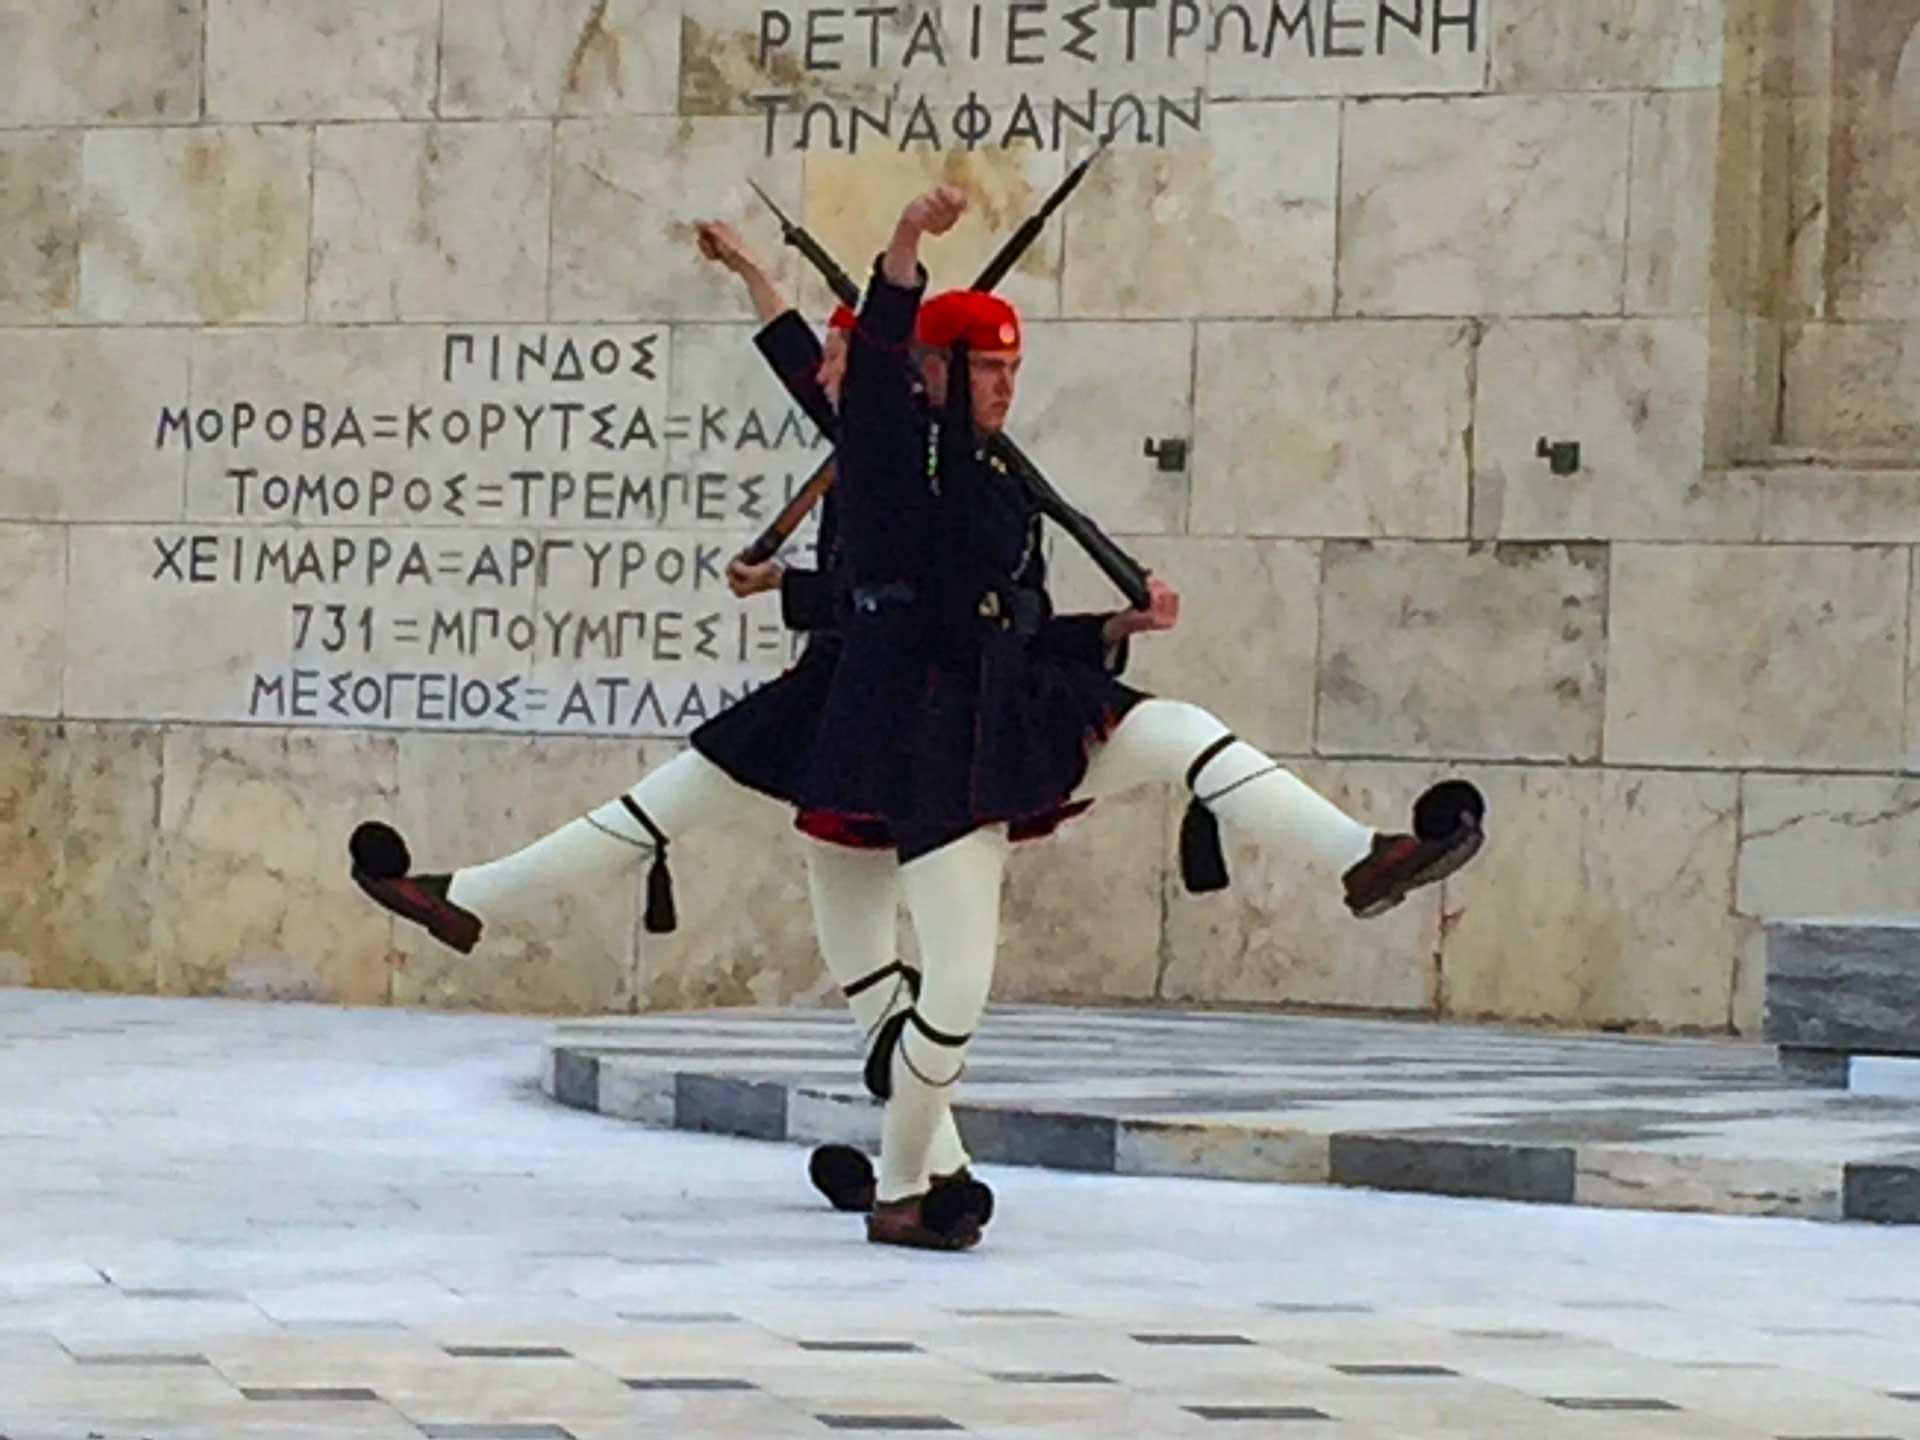 Konferens i Aten Grekland med stadsrundtur och vaktombyte